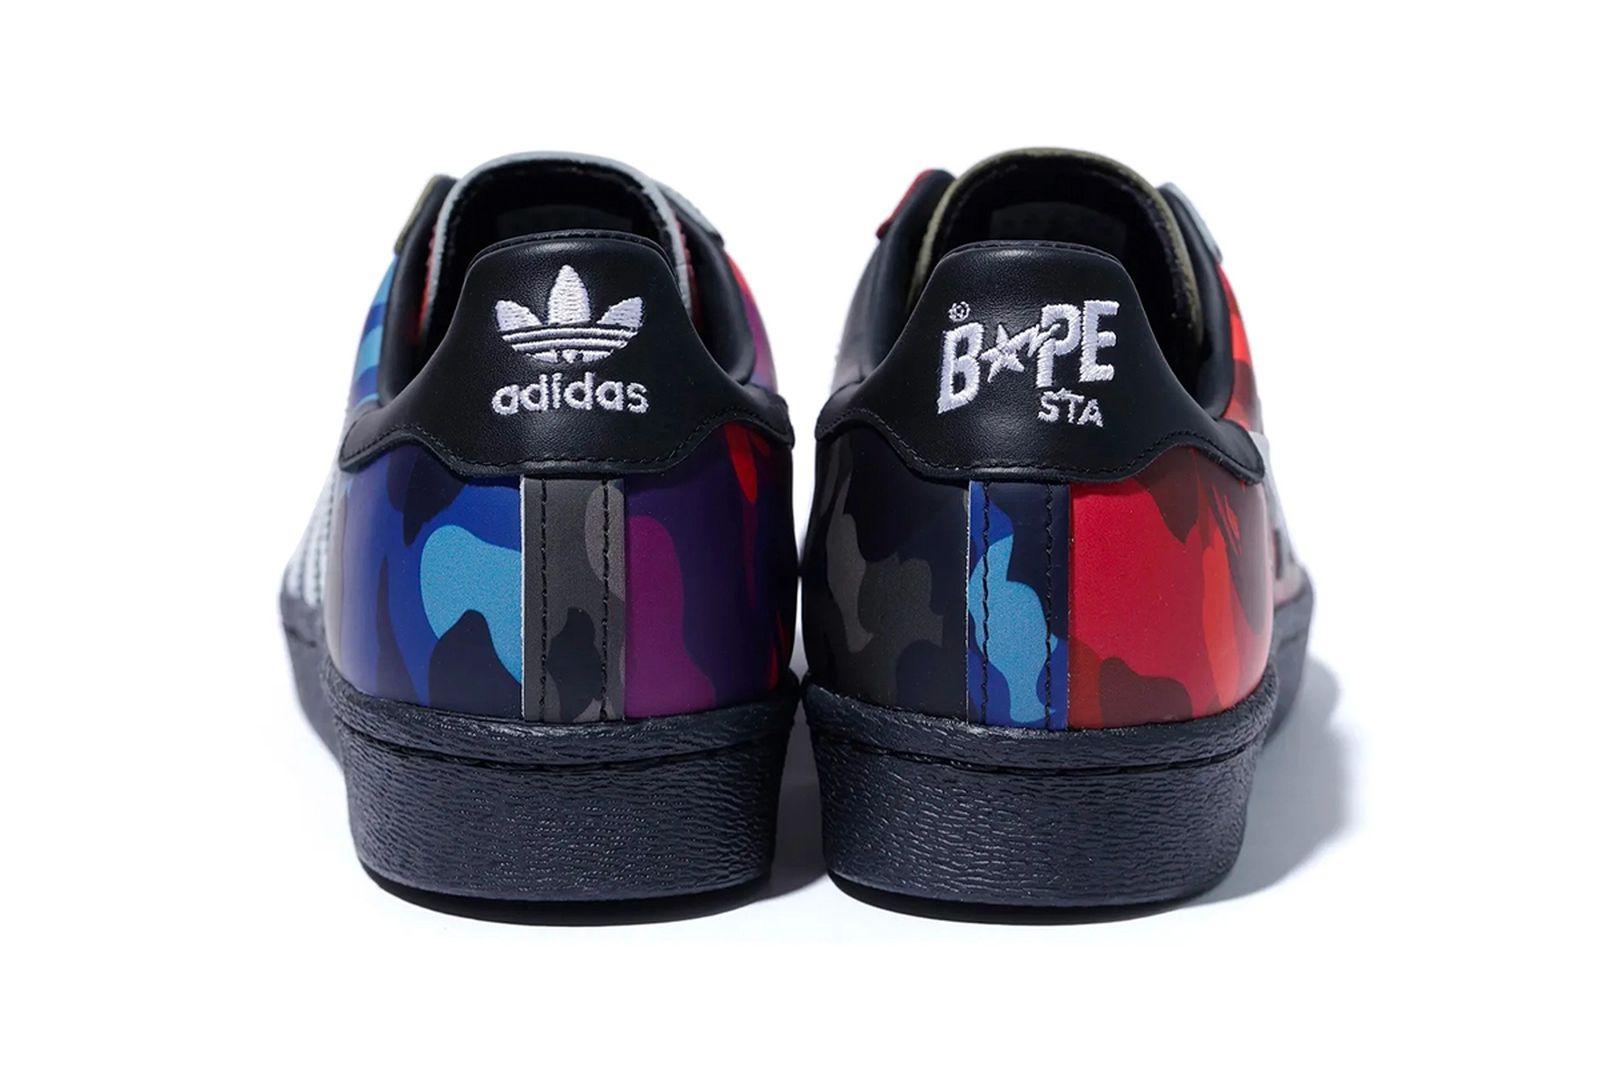 bape-adidas-superstar-2021-release-date-price-12